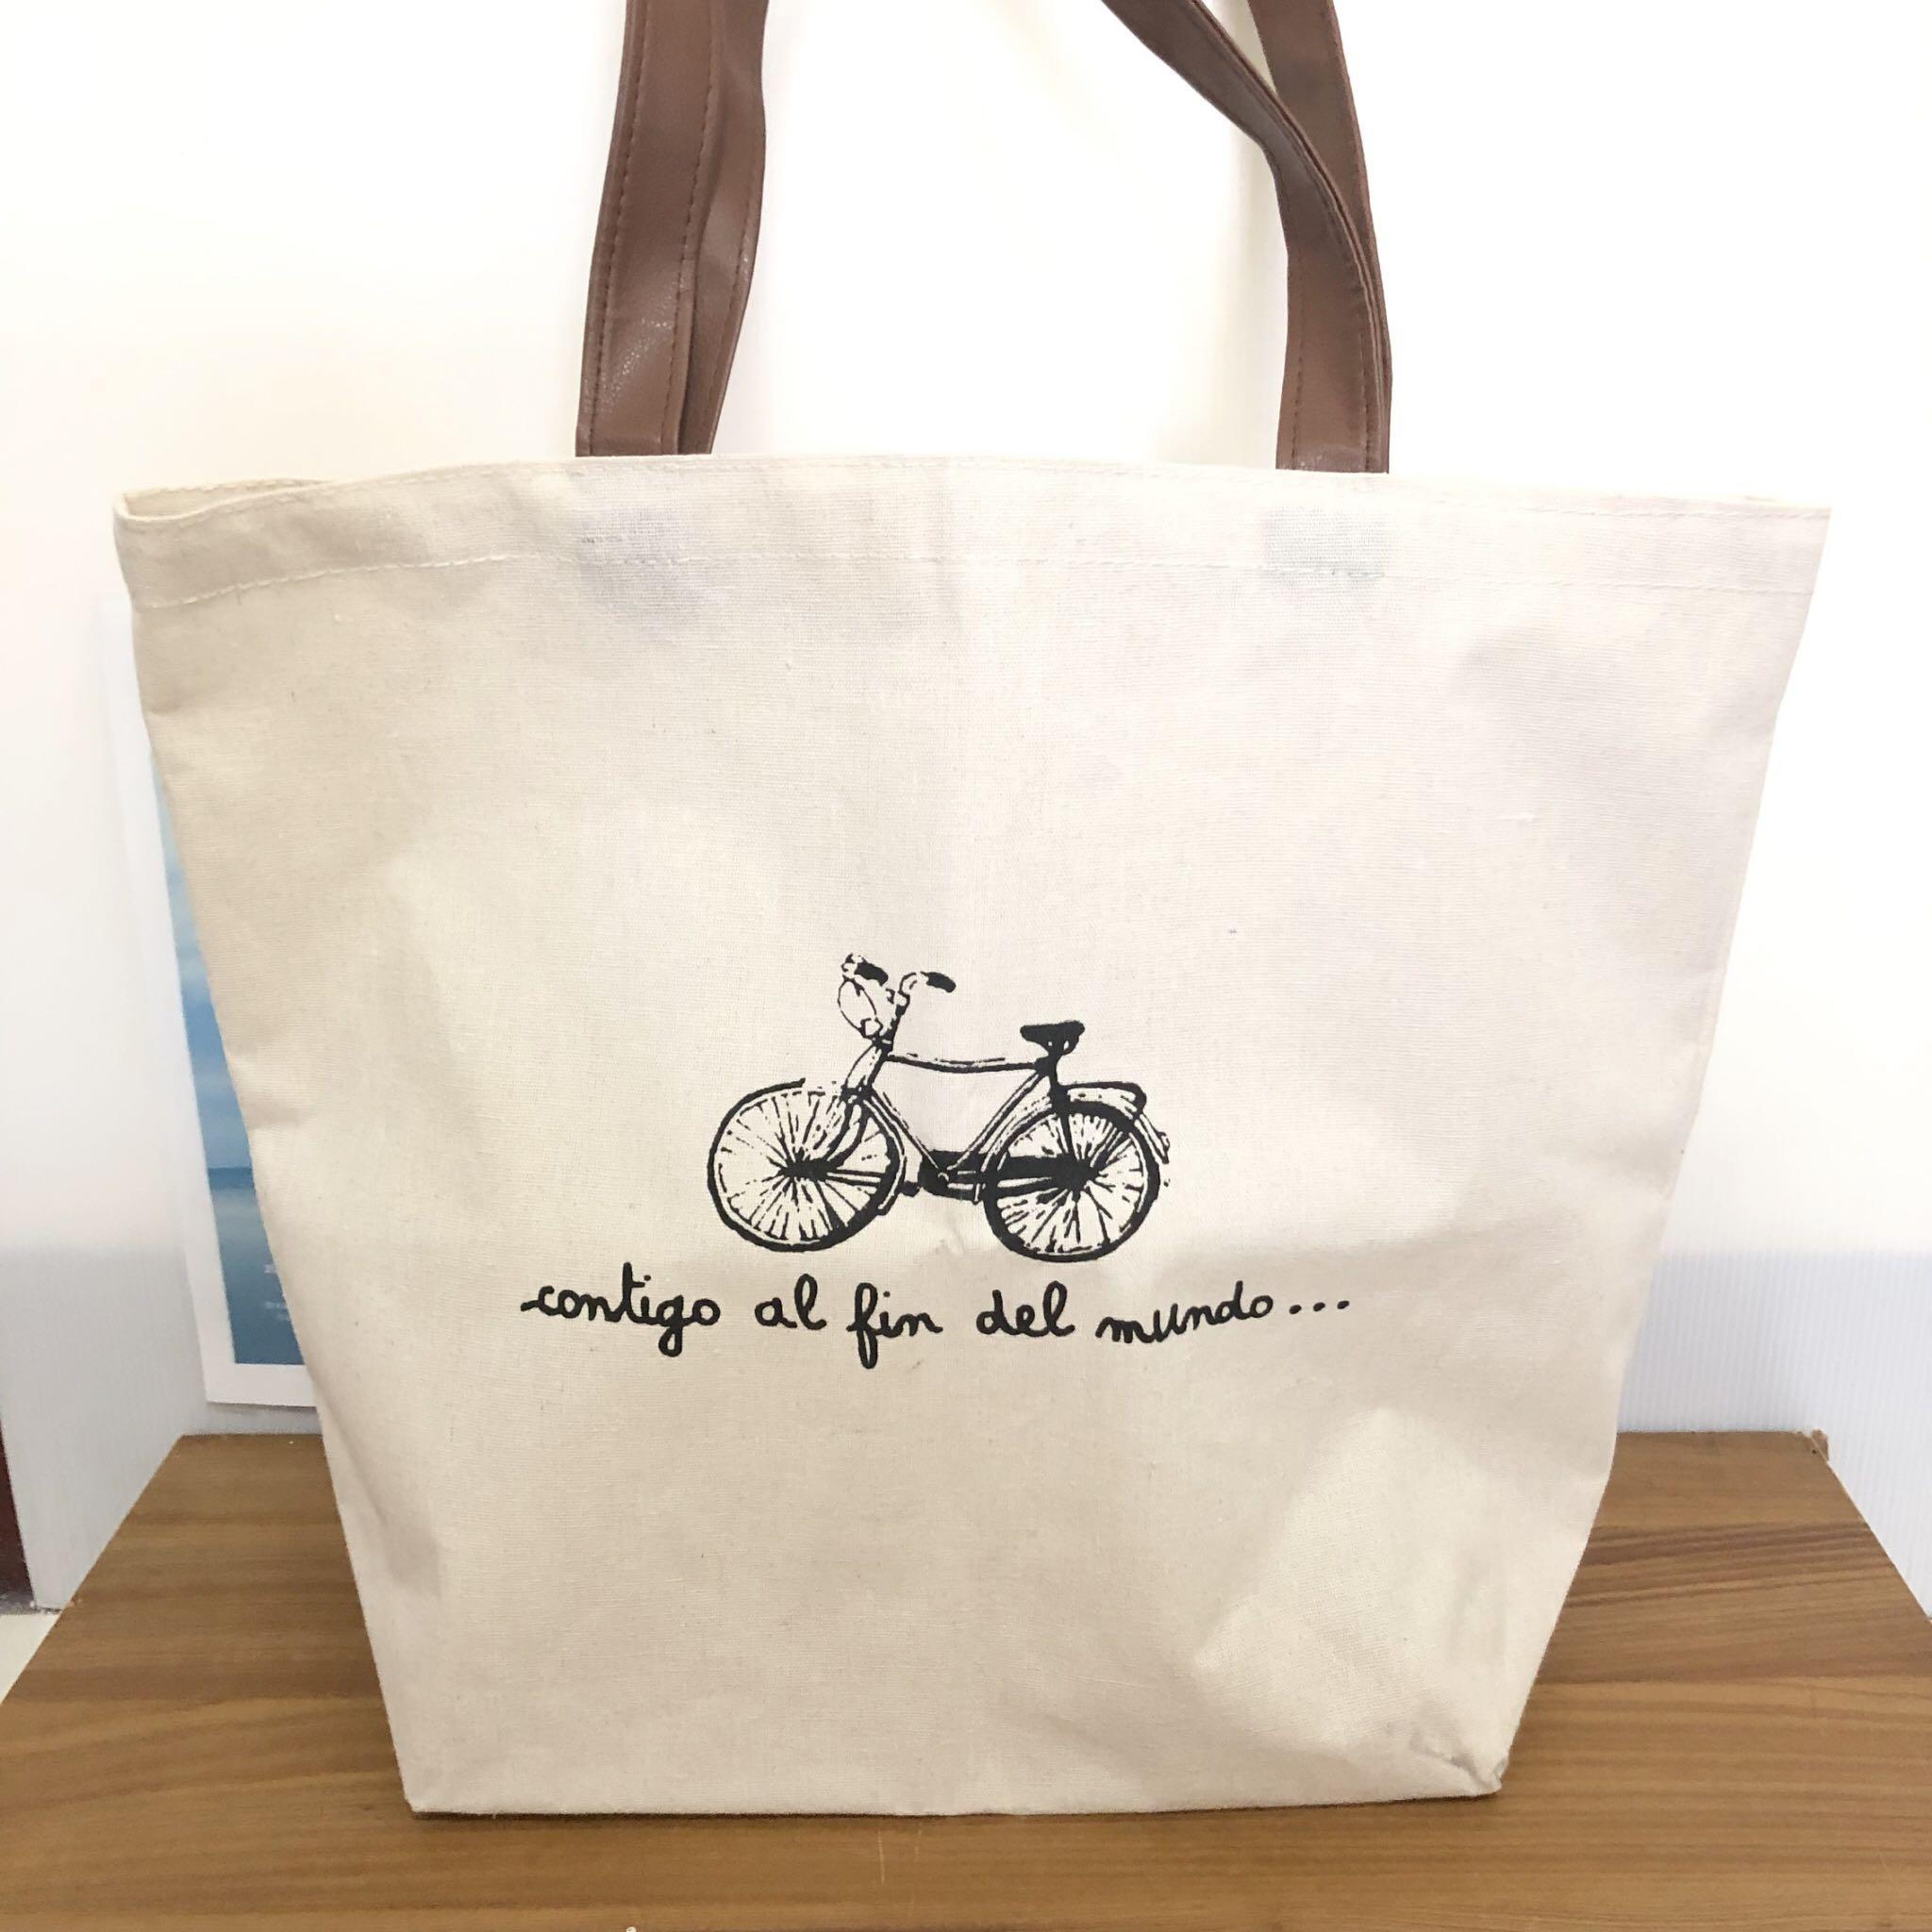 簡約包包 小清新 日系包包 側背包 大容量包包 單肩包 復古包 英文包包 大地色 萬用包